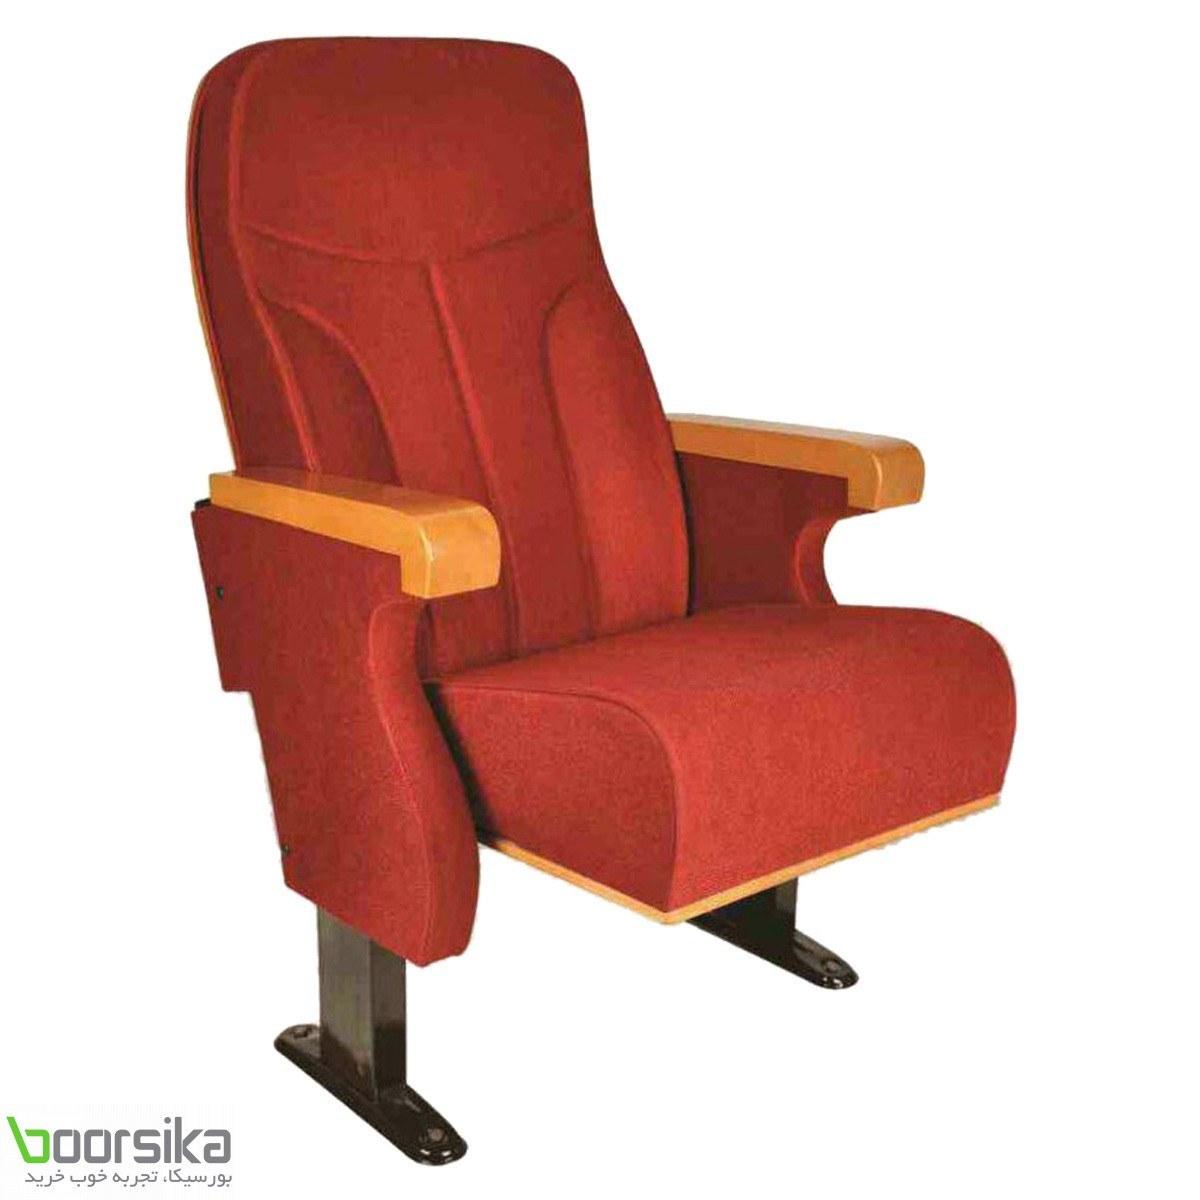 صندلی آمفی تئاتر پارس تکنیک AT100 با روکش چرم یا پارچه